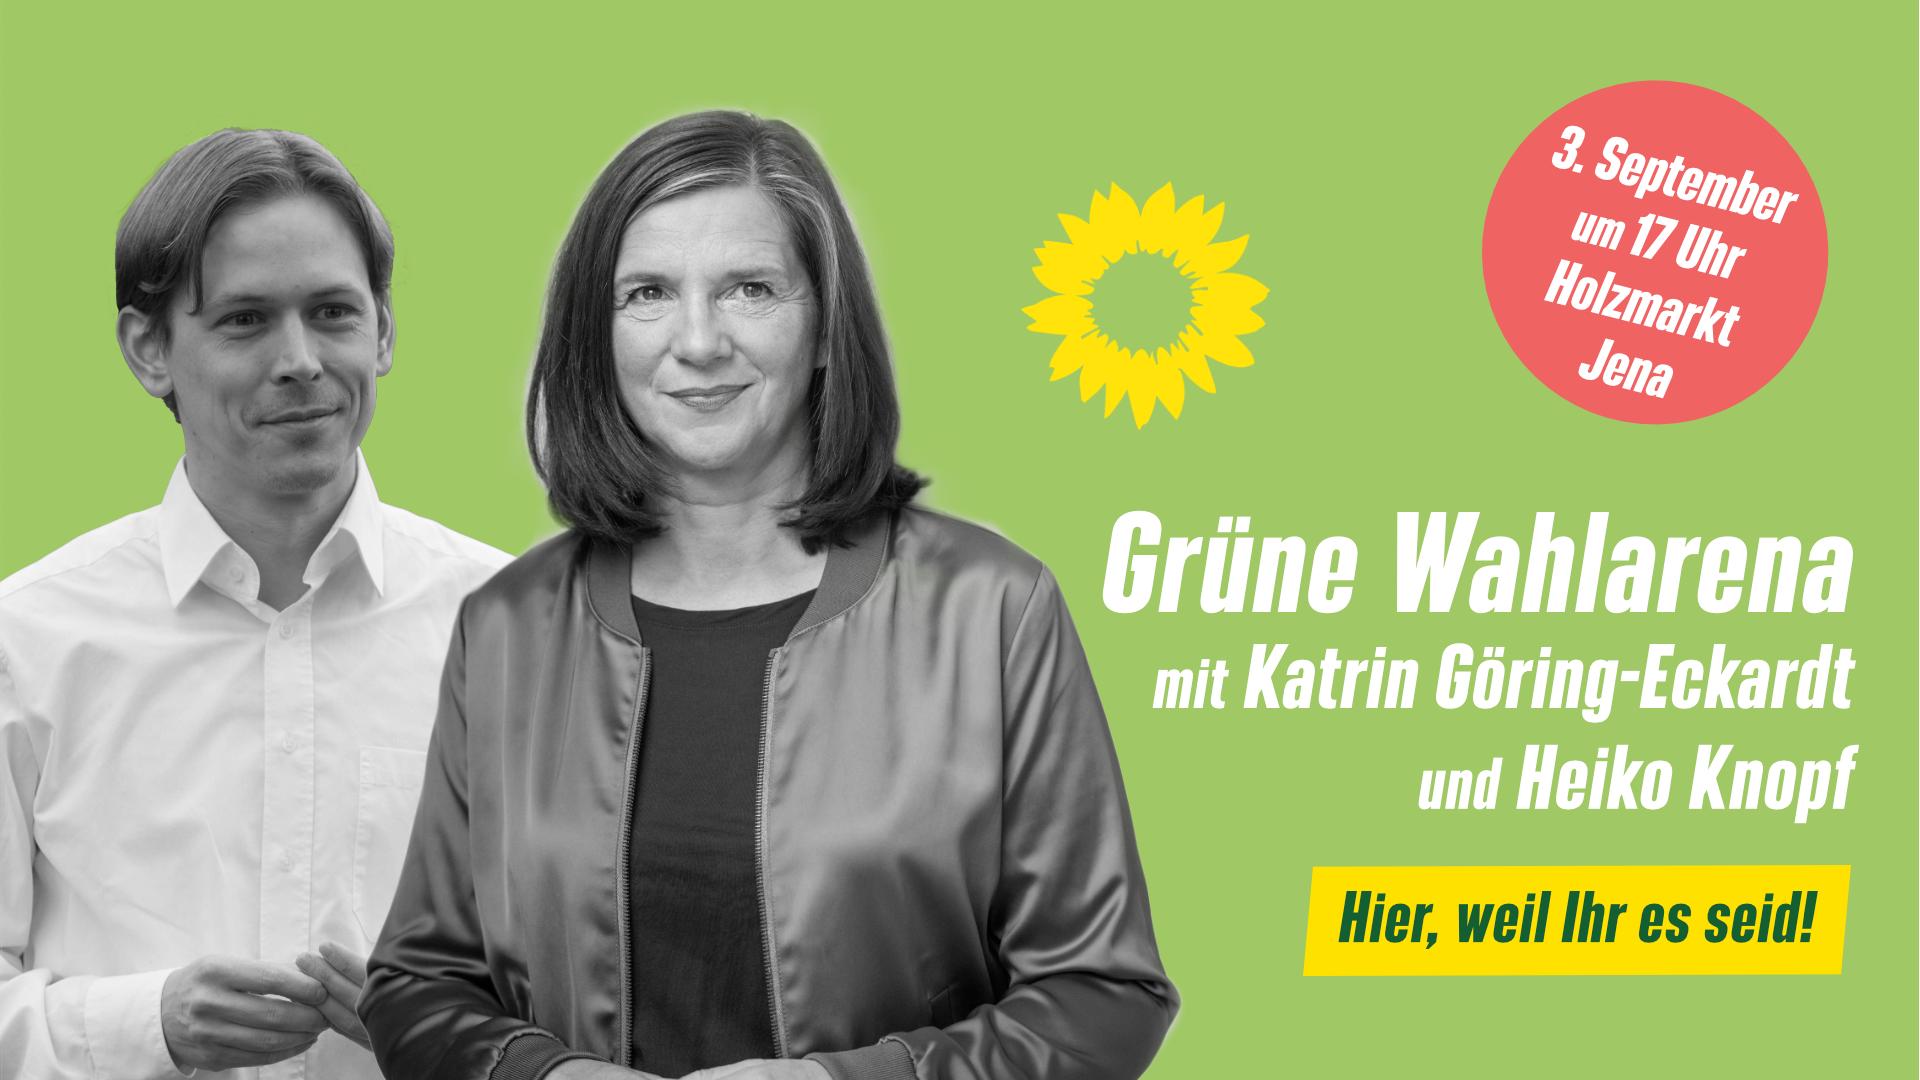 Grüne Wahlarena mit Katrin Göring-Eckardt und Heiko Knopf auf dem Jenaer Holzmarkt